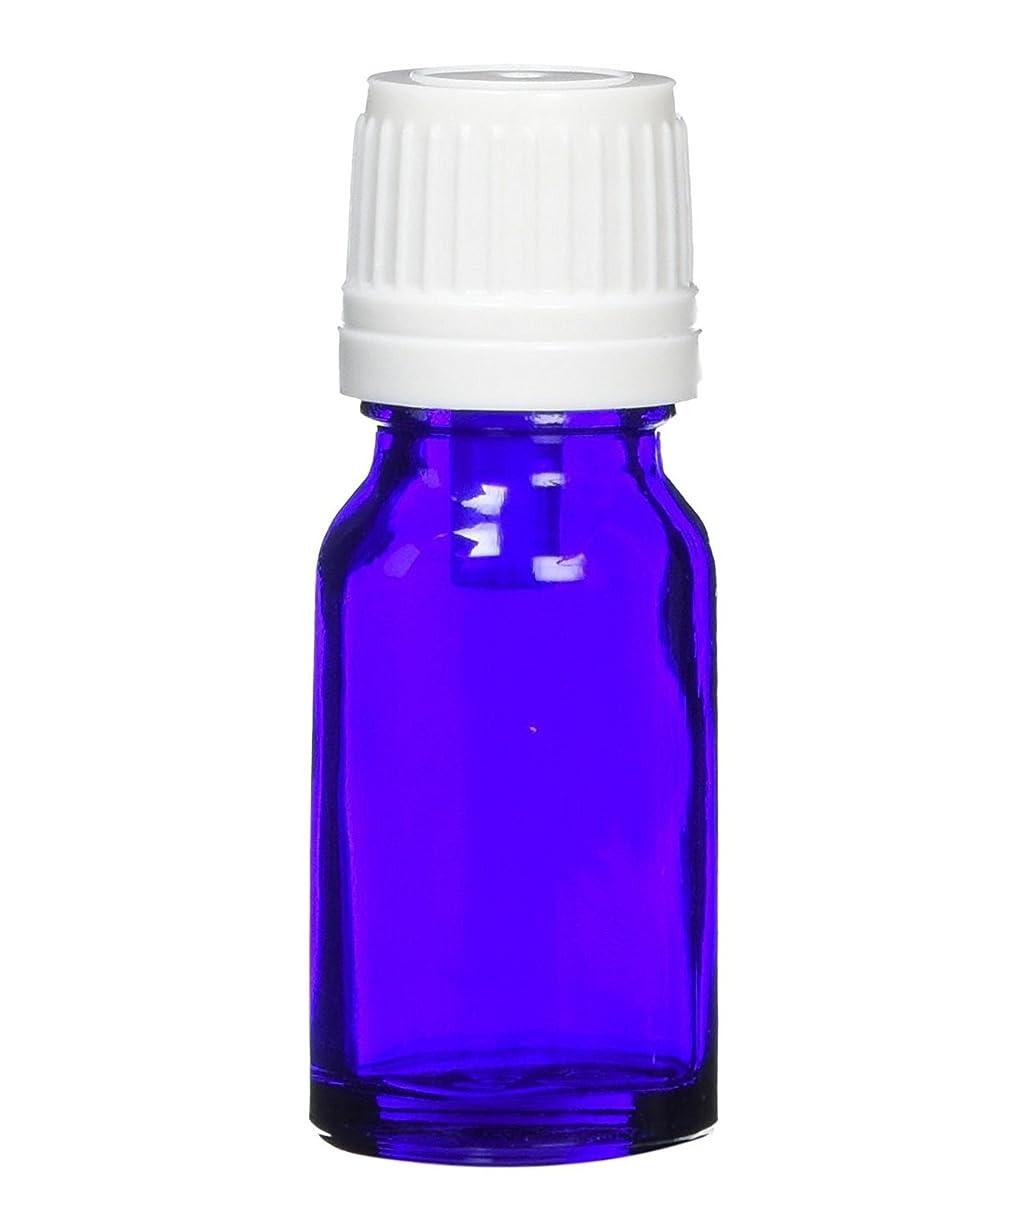 速記医療過誤台風ease 遮光ビン ブルー (高粘度用) 10ml ×5本 (国内メーカー)